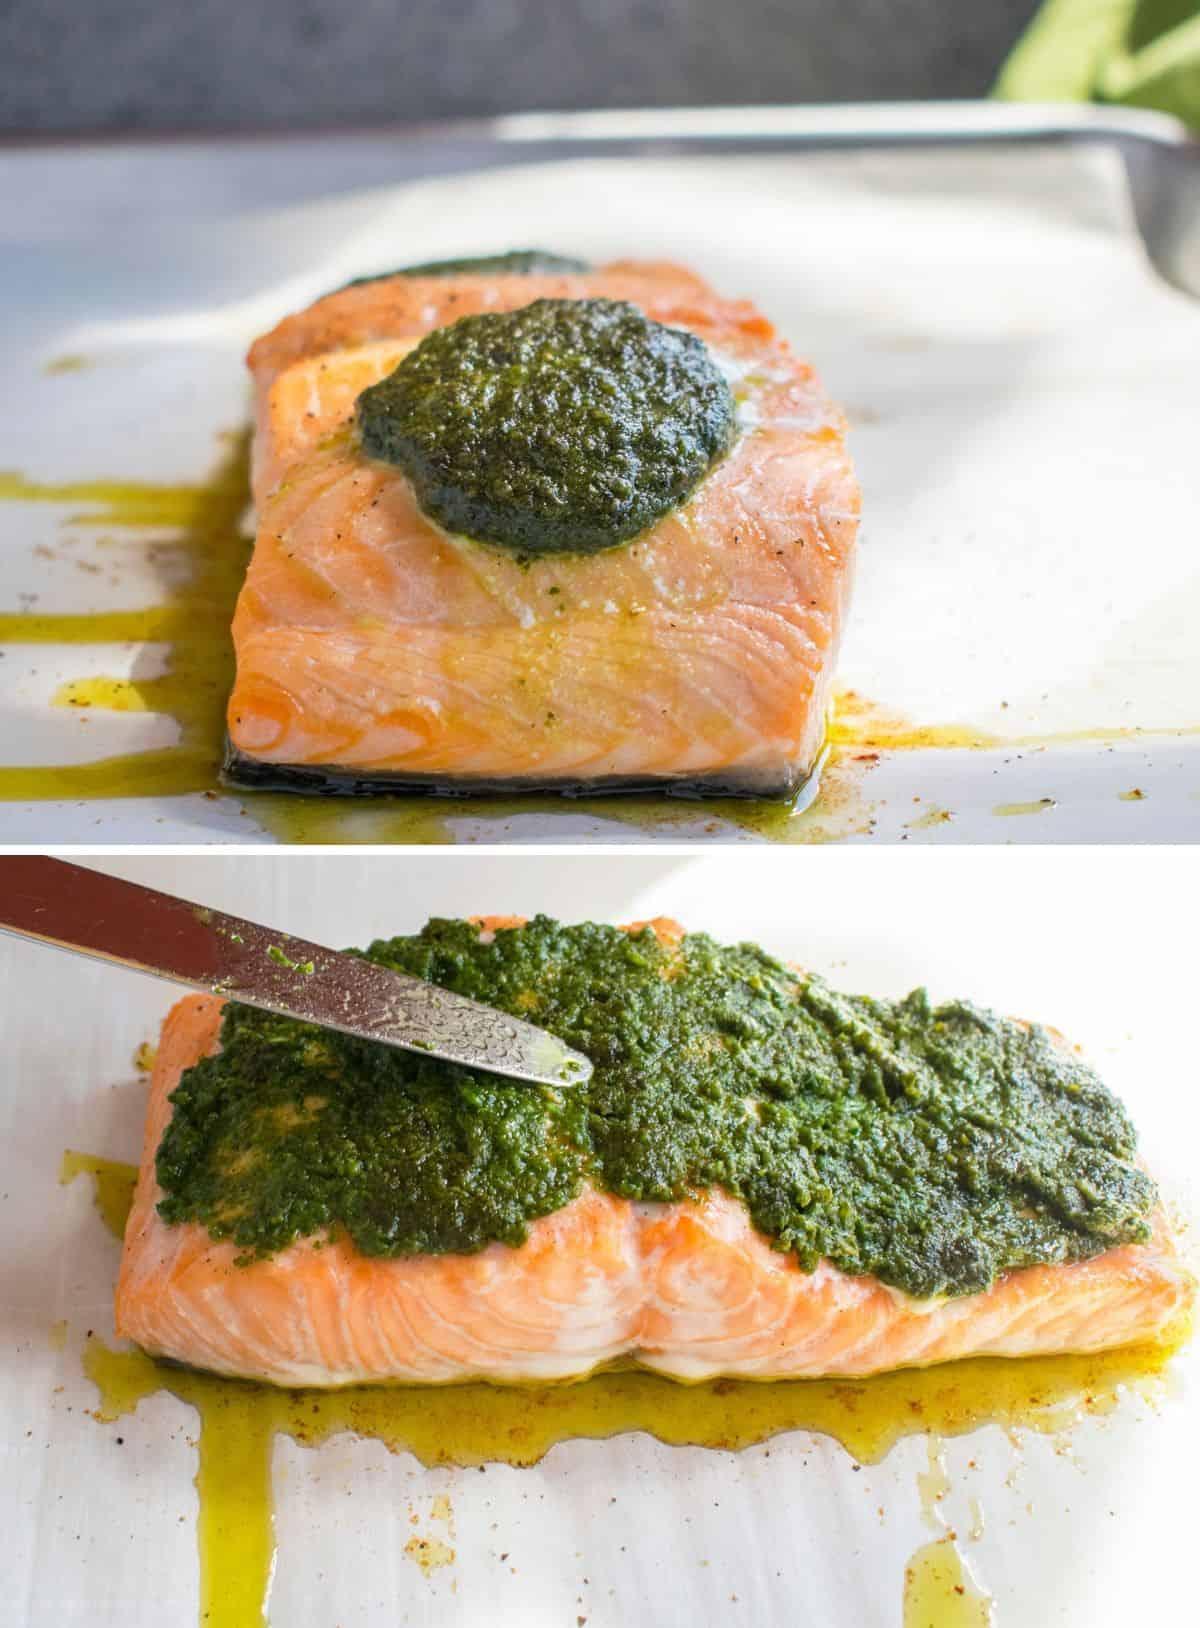 baked salmon with pesto on top, knife spreading pesto on salmon